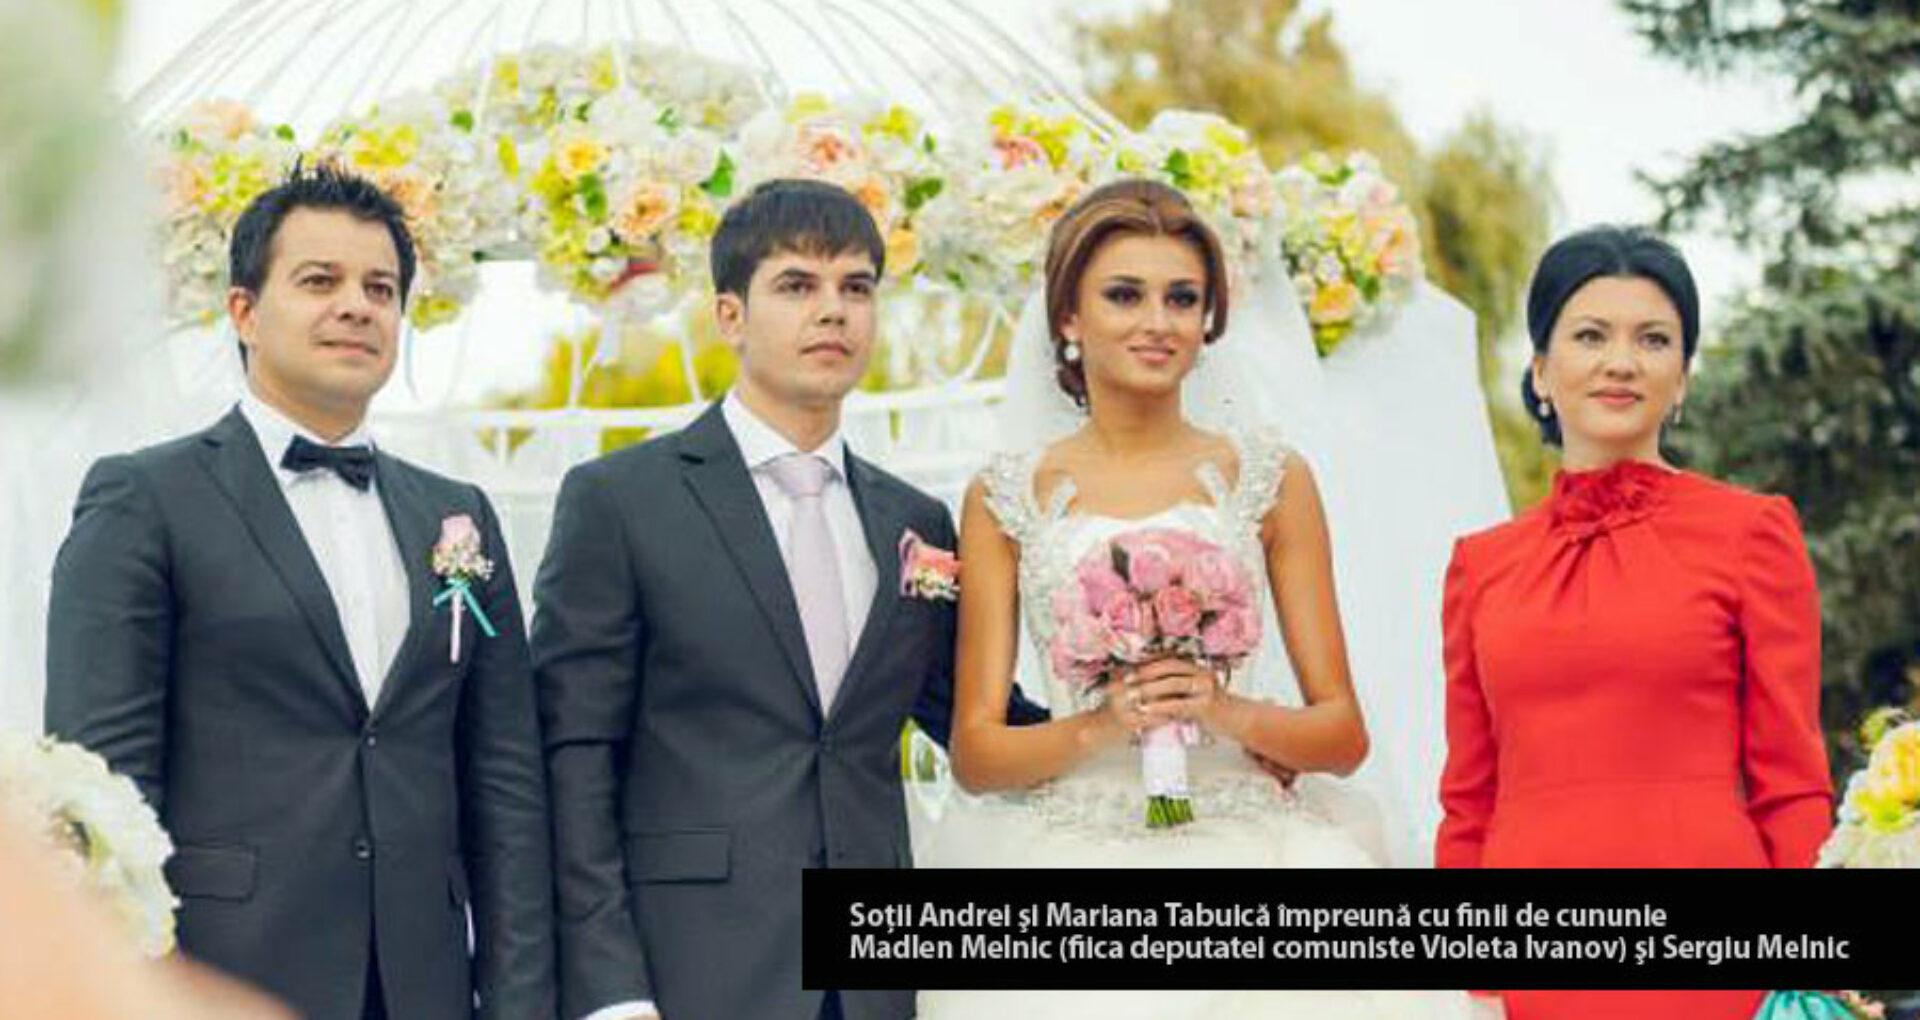 Slăbiciunea pentru aviaţie a rudelor demnitarilor din R. Moldova